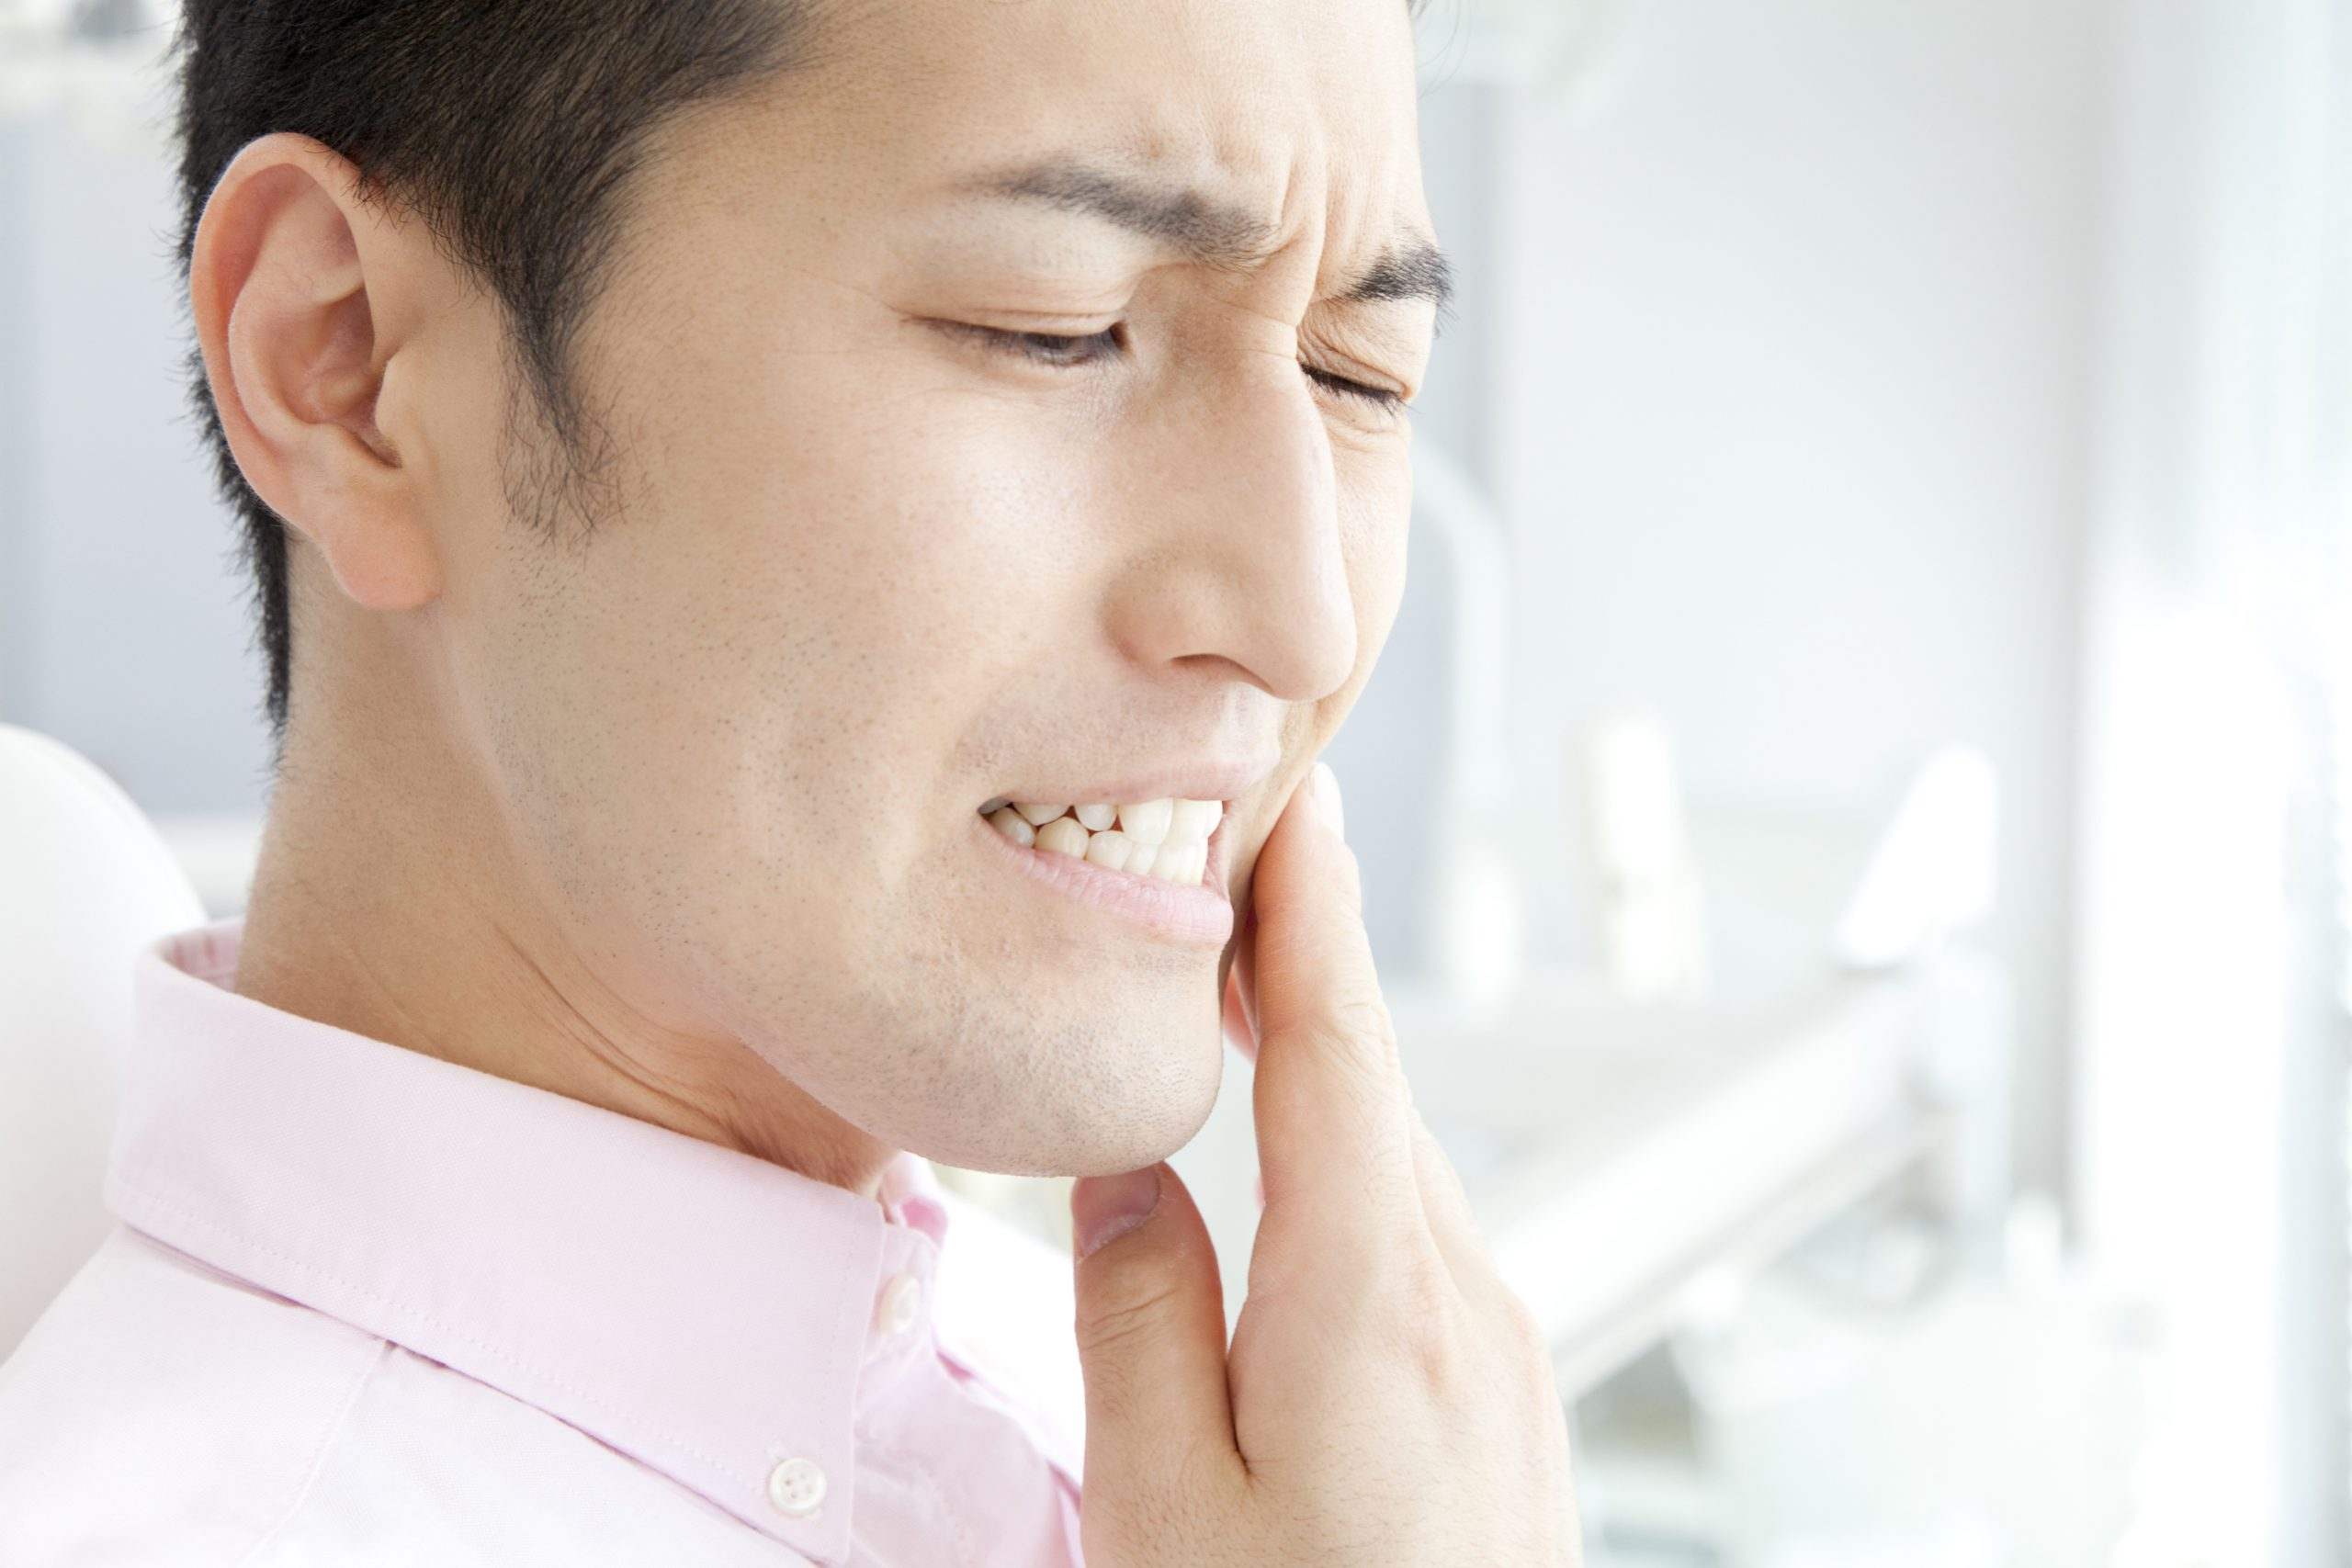 親知らず:抜歯が必要かどうかの判断も大切です